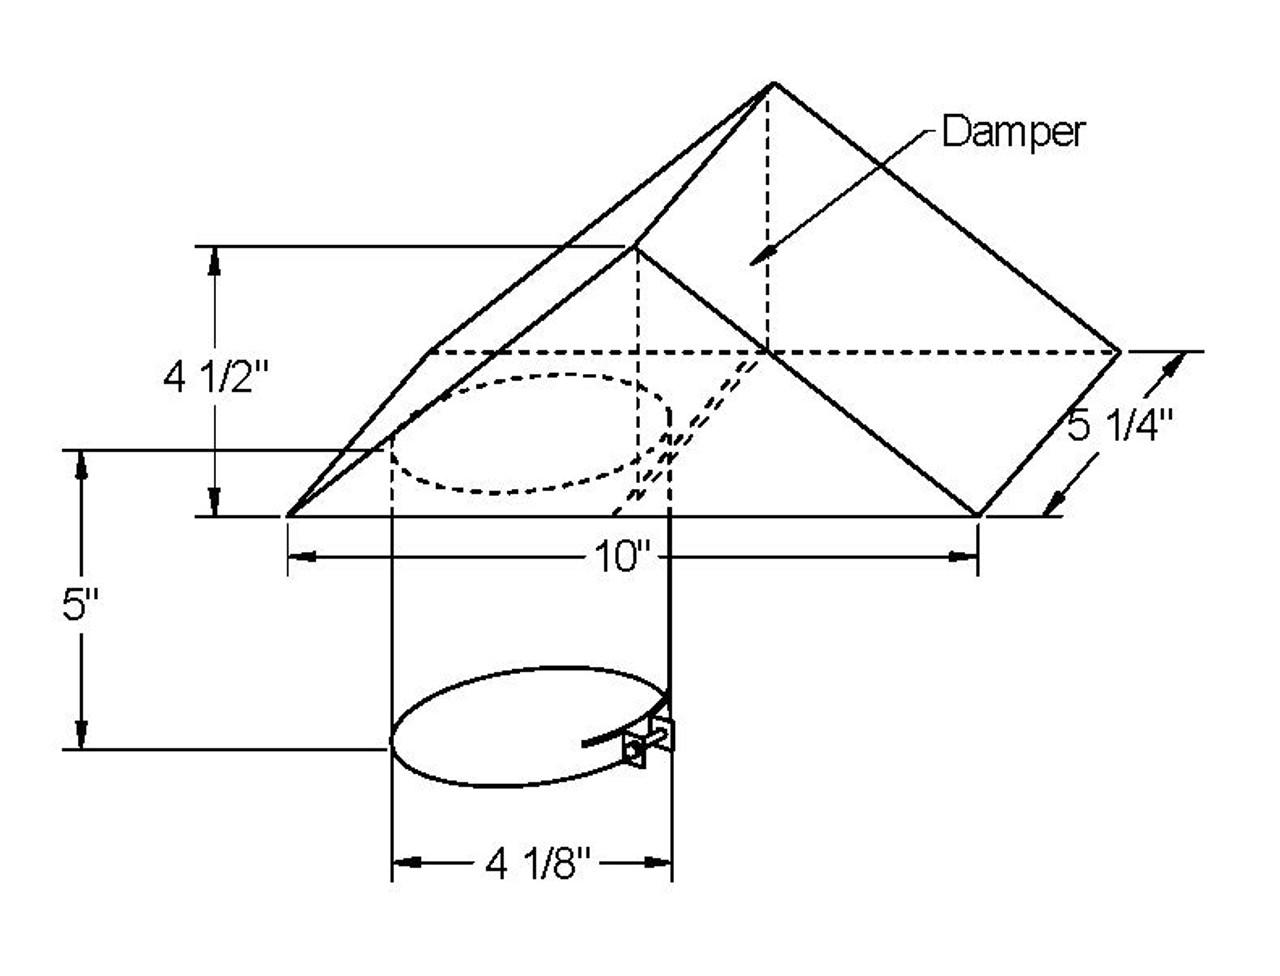 4 inch vertical dryer roof cap